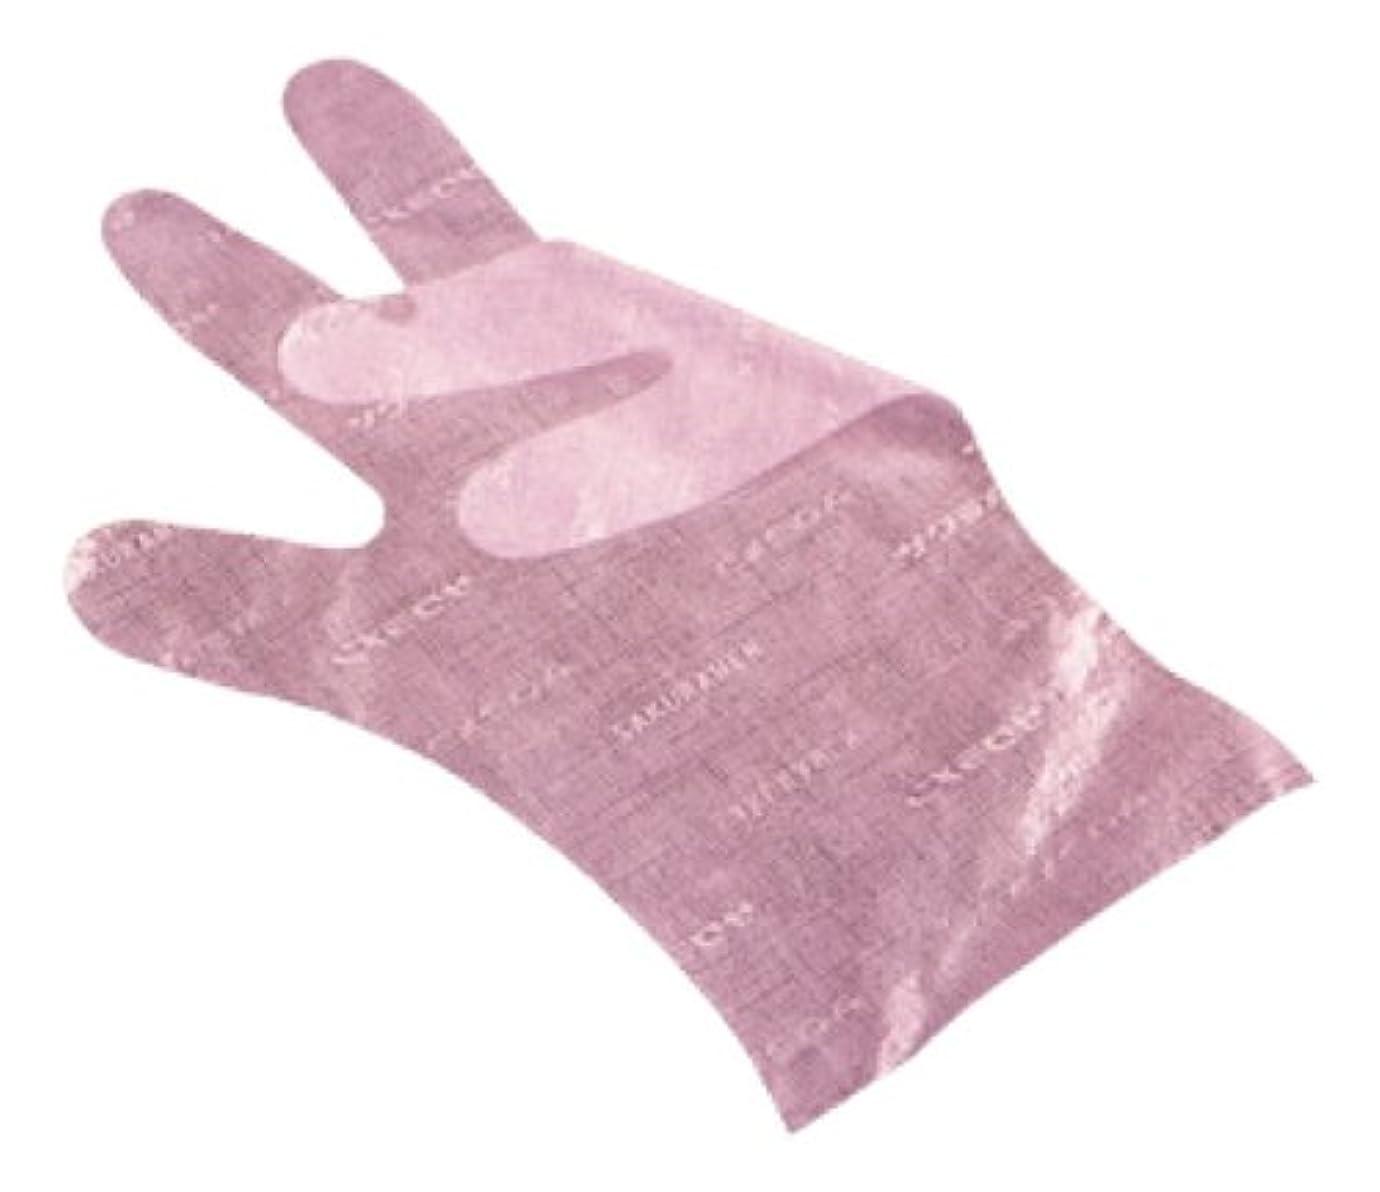 社会懸念共同選択サクラメン手袋 デラックス(100枚入)L ピンク 35μ